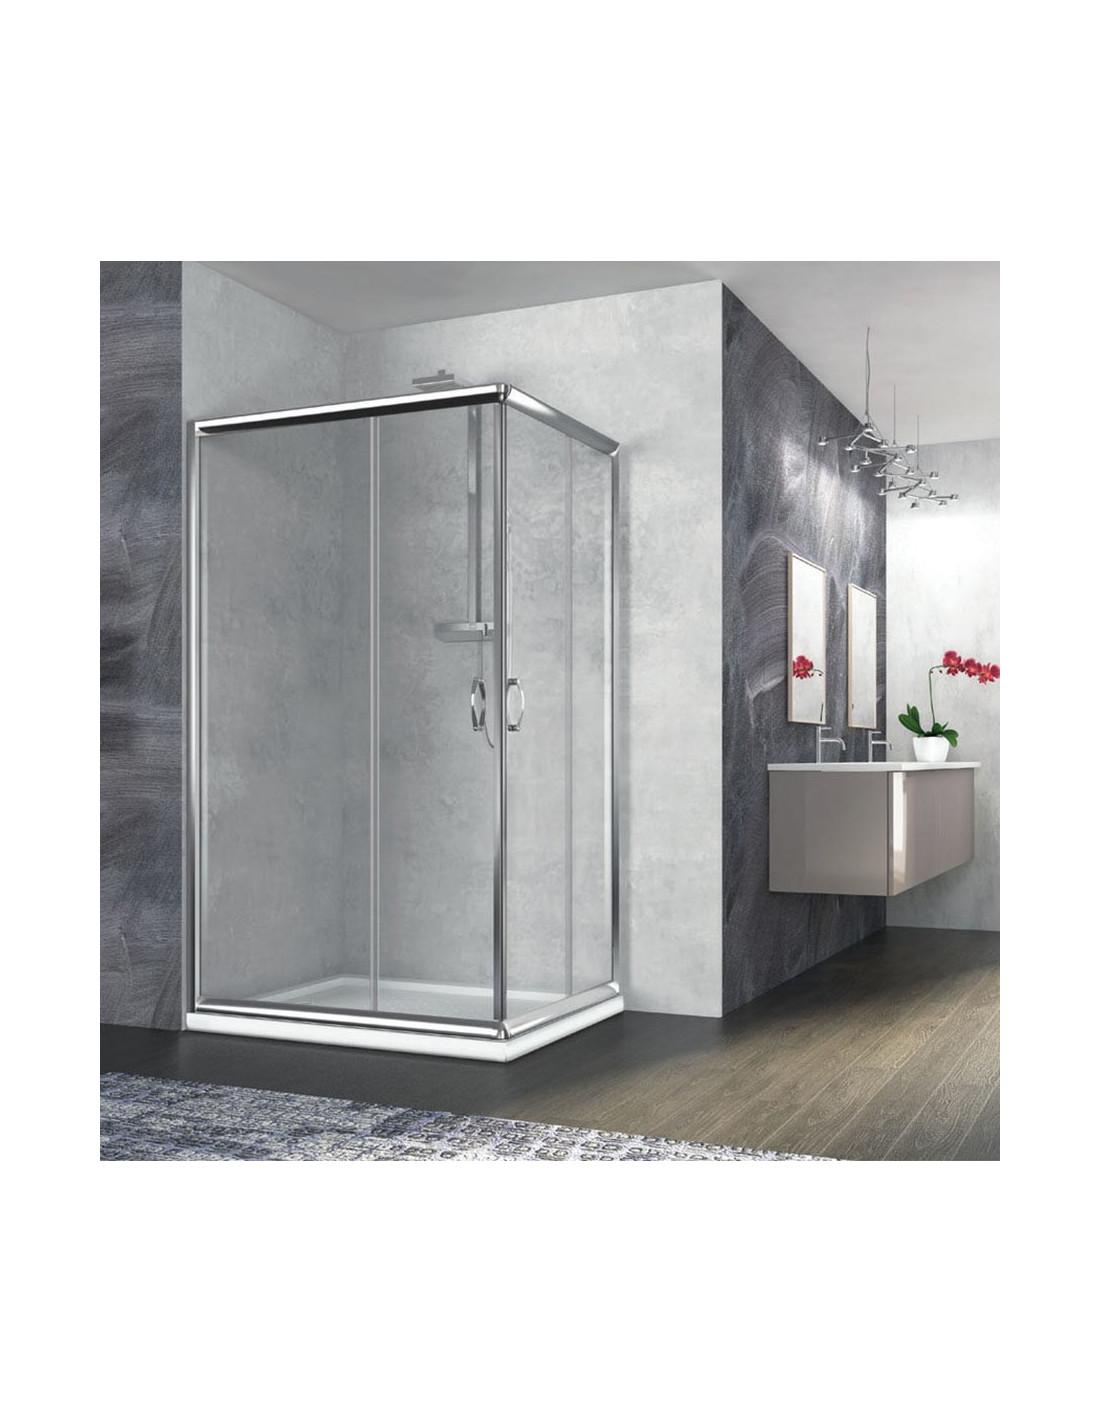 Box Doccia Cristallo Costo : Nolan box doccia rettangolare cristallo stampato